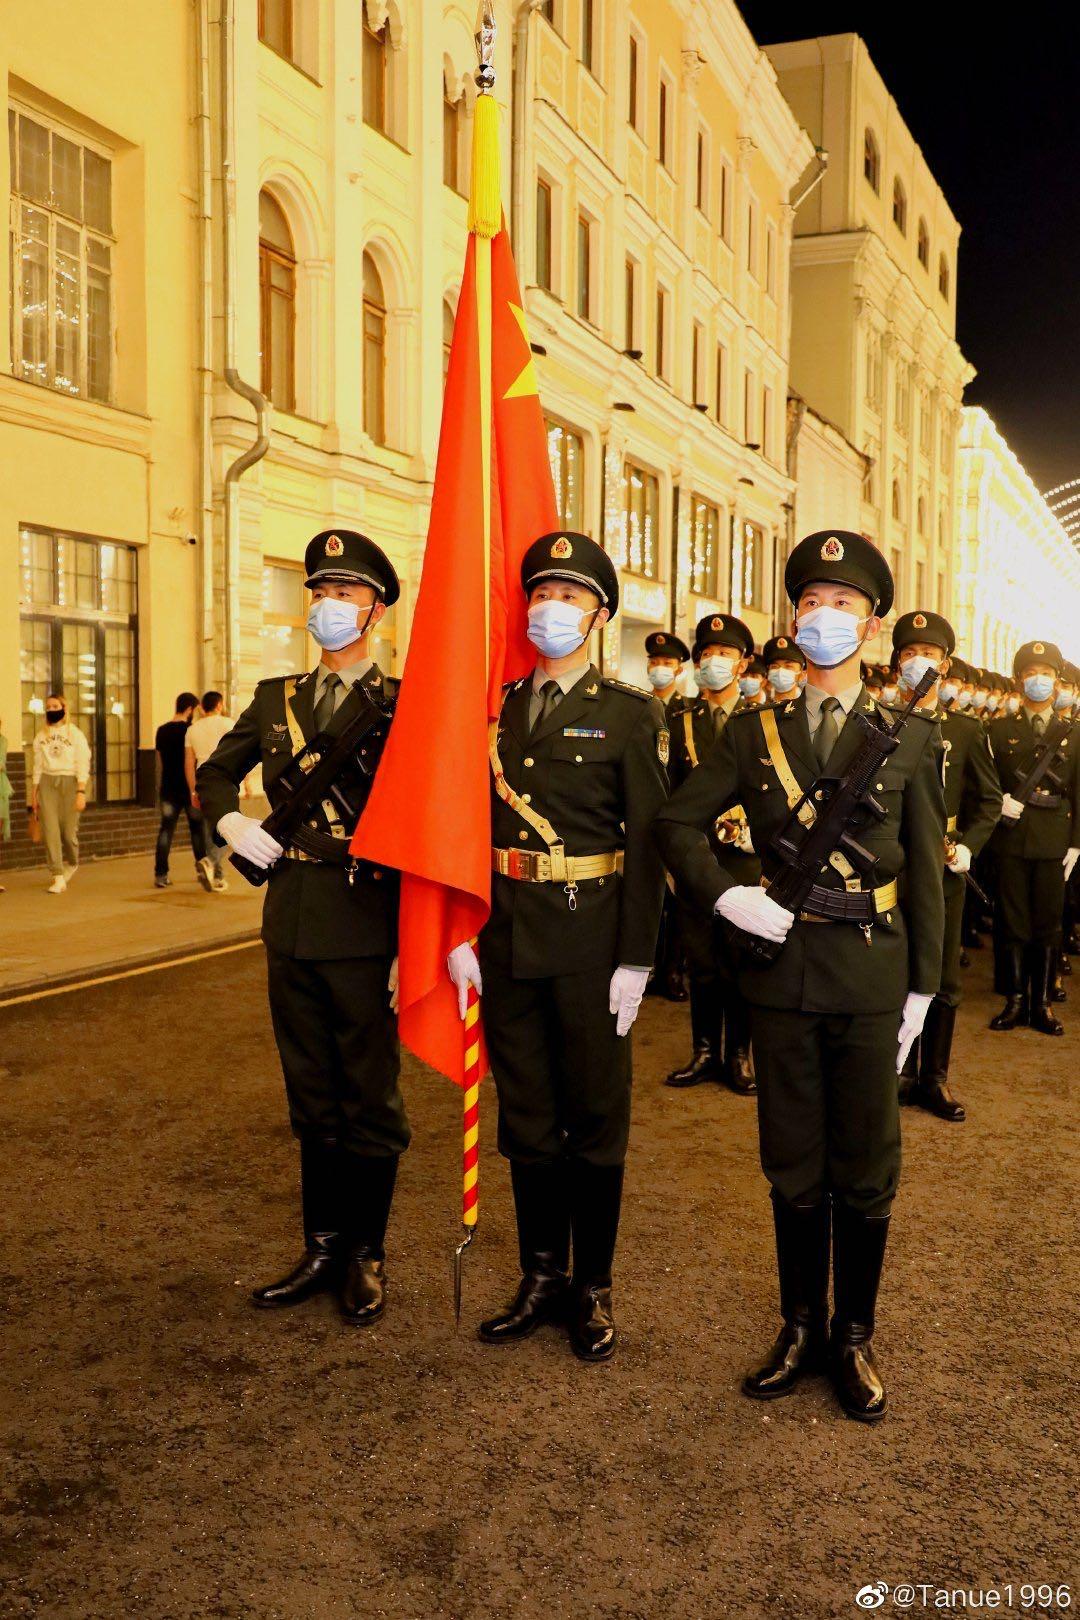 大长腿来袭、新武器亮相……今日俄罗斯阅兵,这些亮点提前看